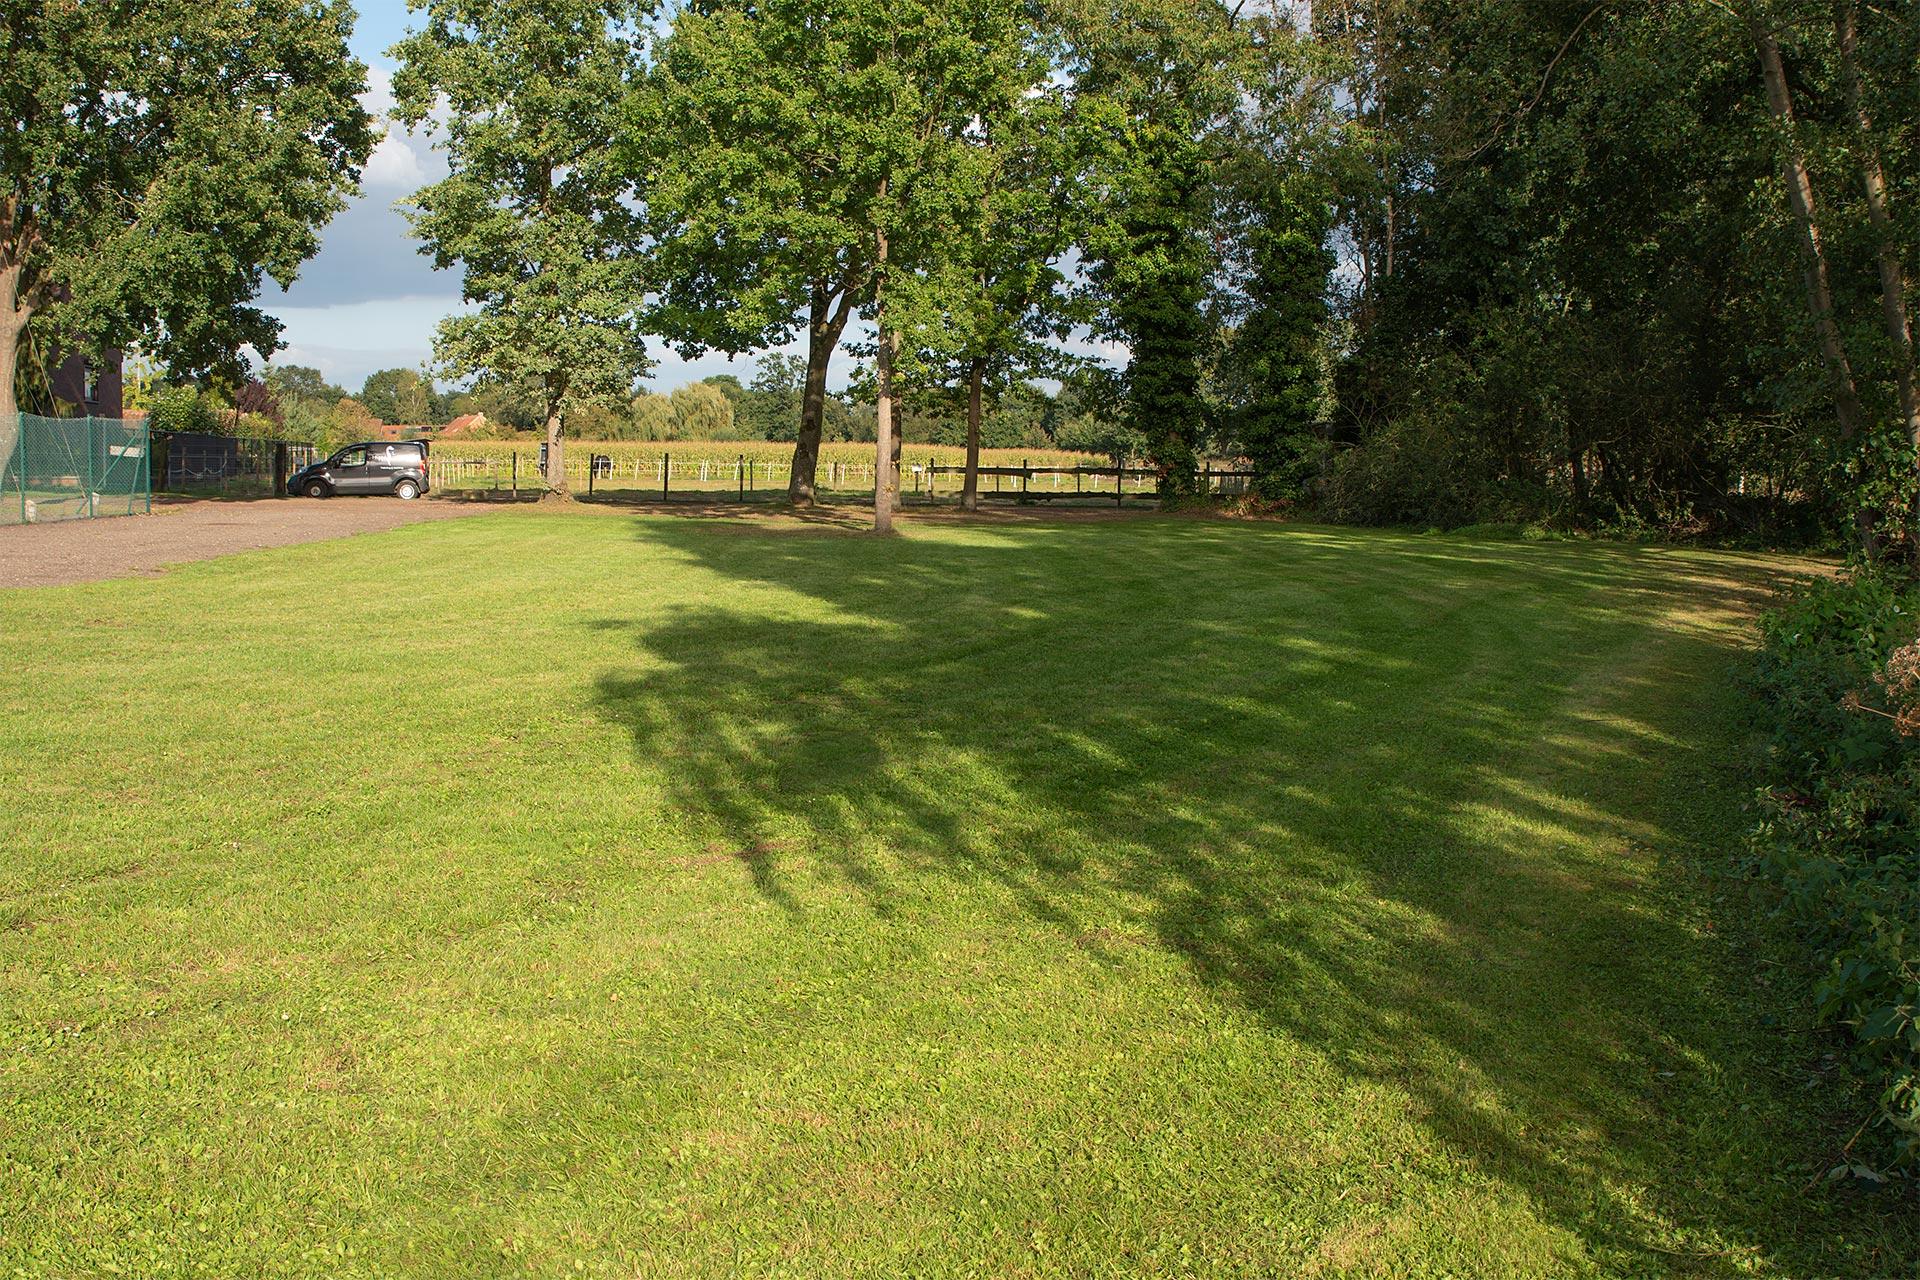 Parking aan gildezaal Schalbroek. Geef je receptie buiten op een mooie grasweide.